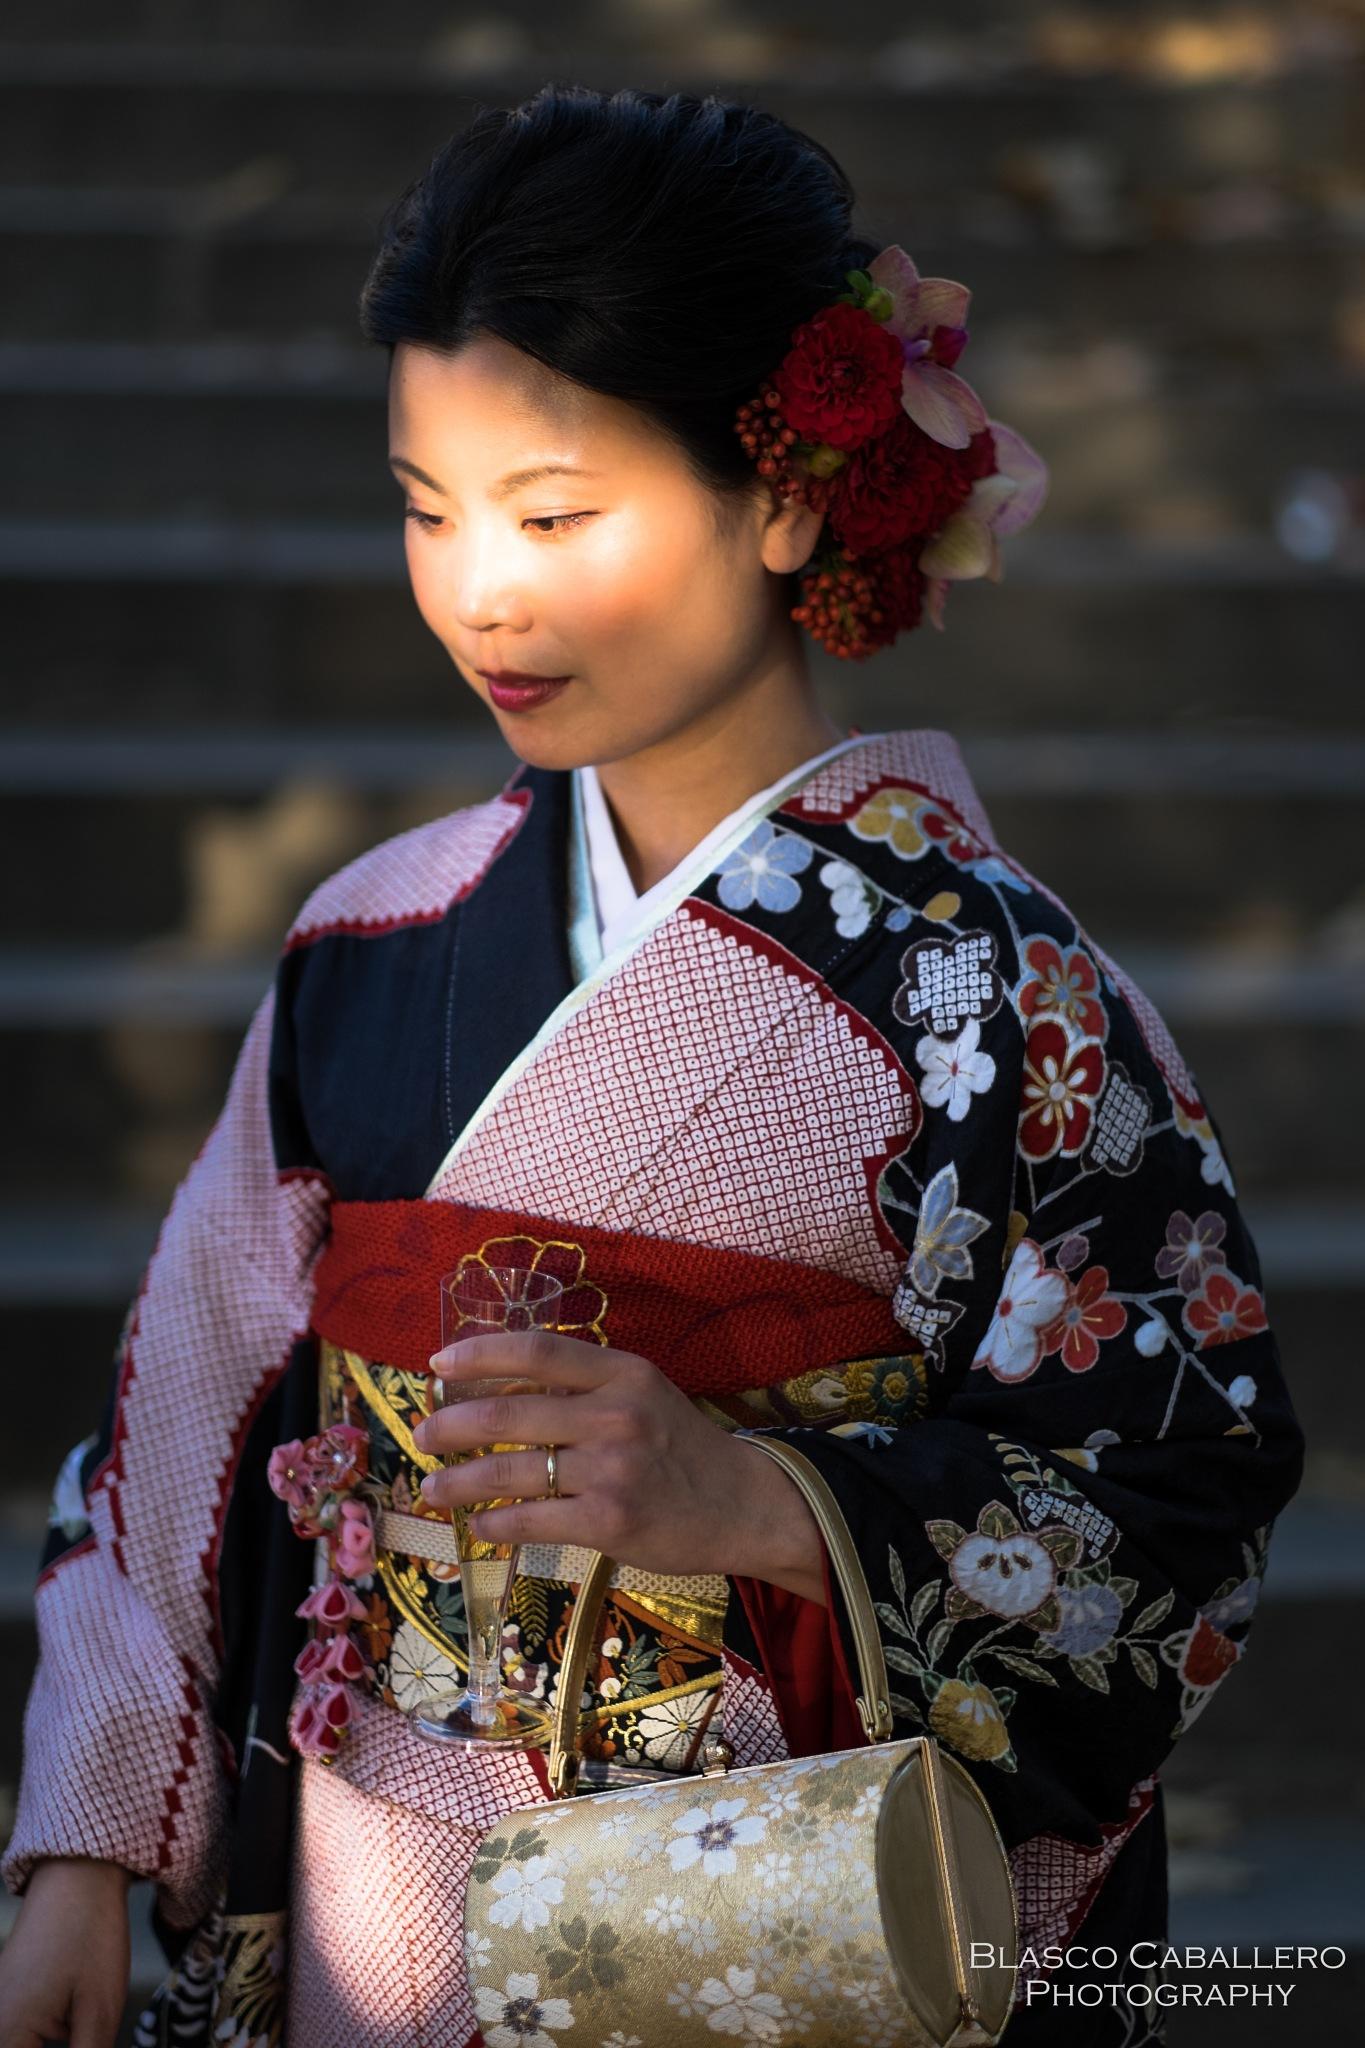 Japanese girl by Blasco Caballero